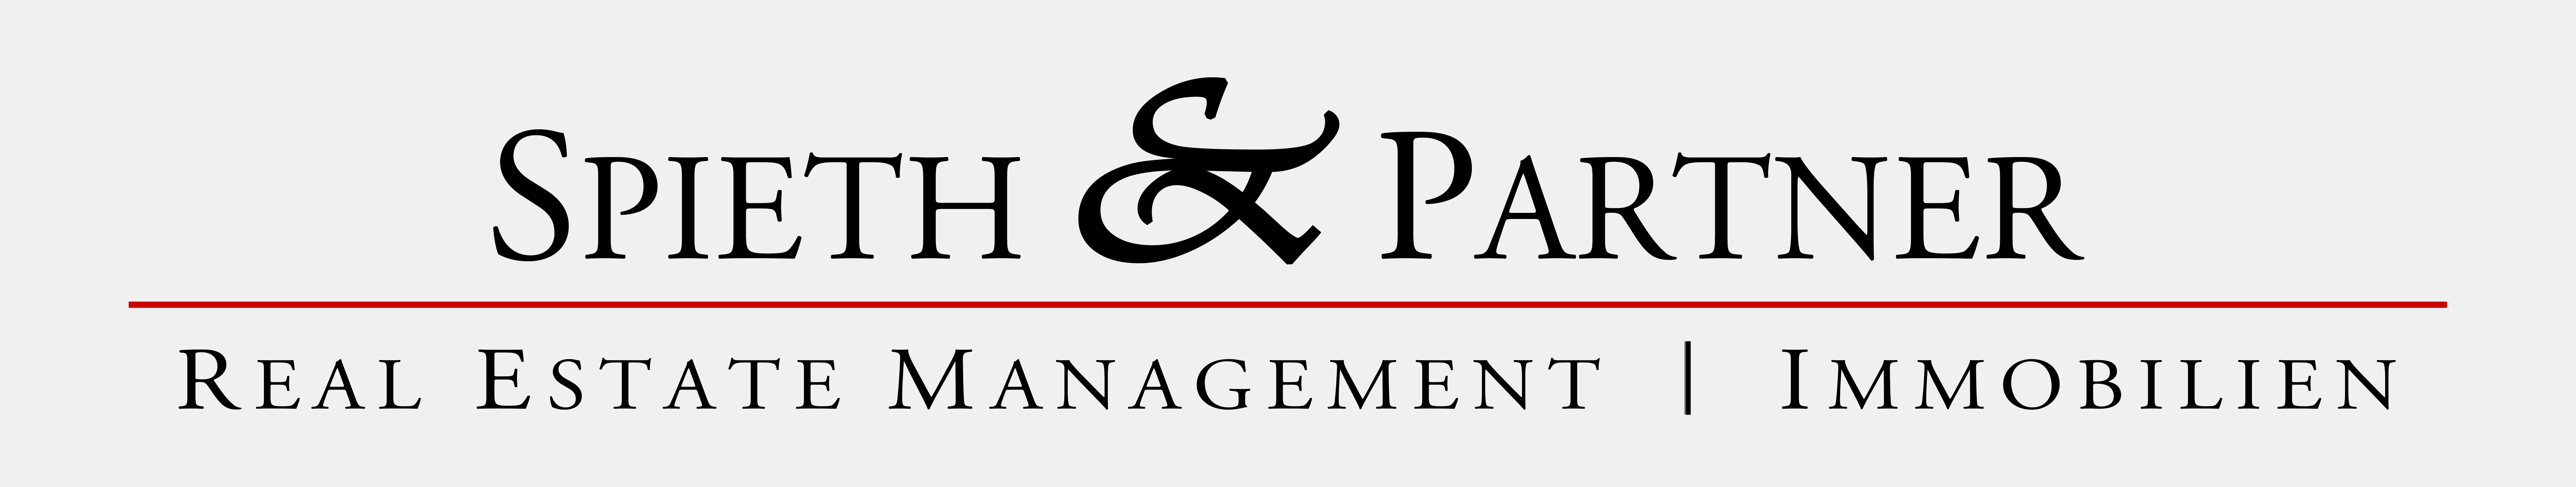 SPIETH & PARTNER - Ihr Spezialist für die Vermittlung von Wohnungen und Häusern im Raum Tübingen und Herrenberg. Wir beraten Sie ganz individuell in allen Fragen rund um Ihre Immobilie.